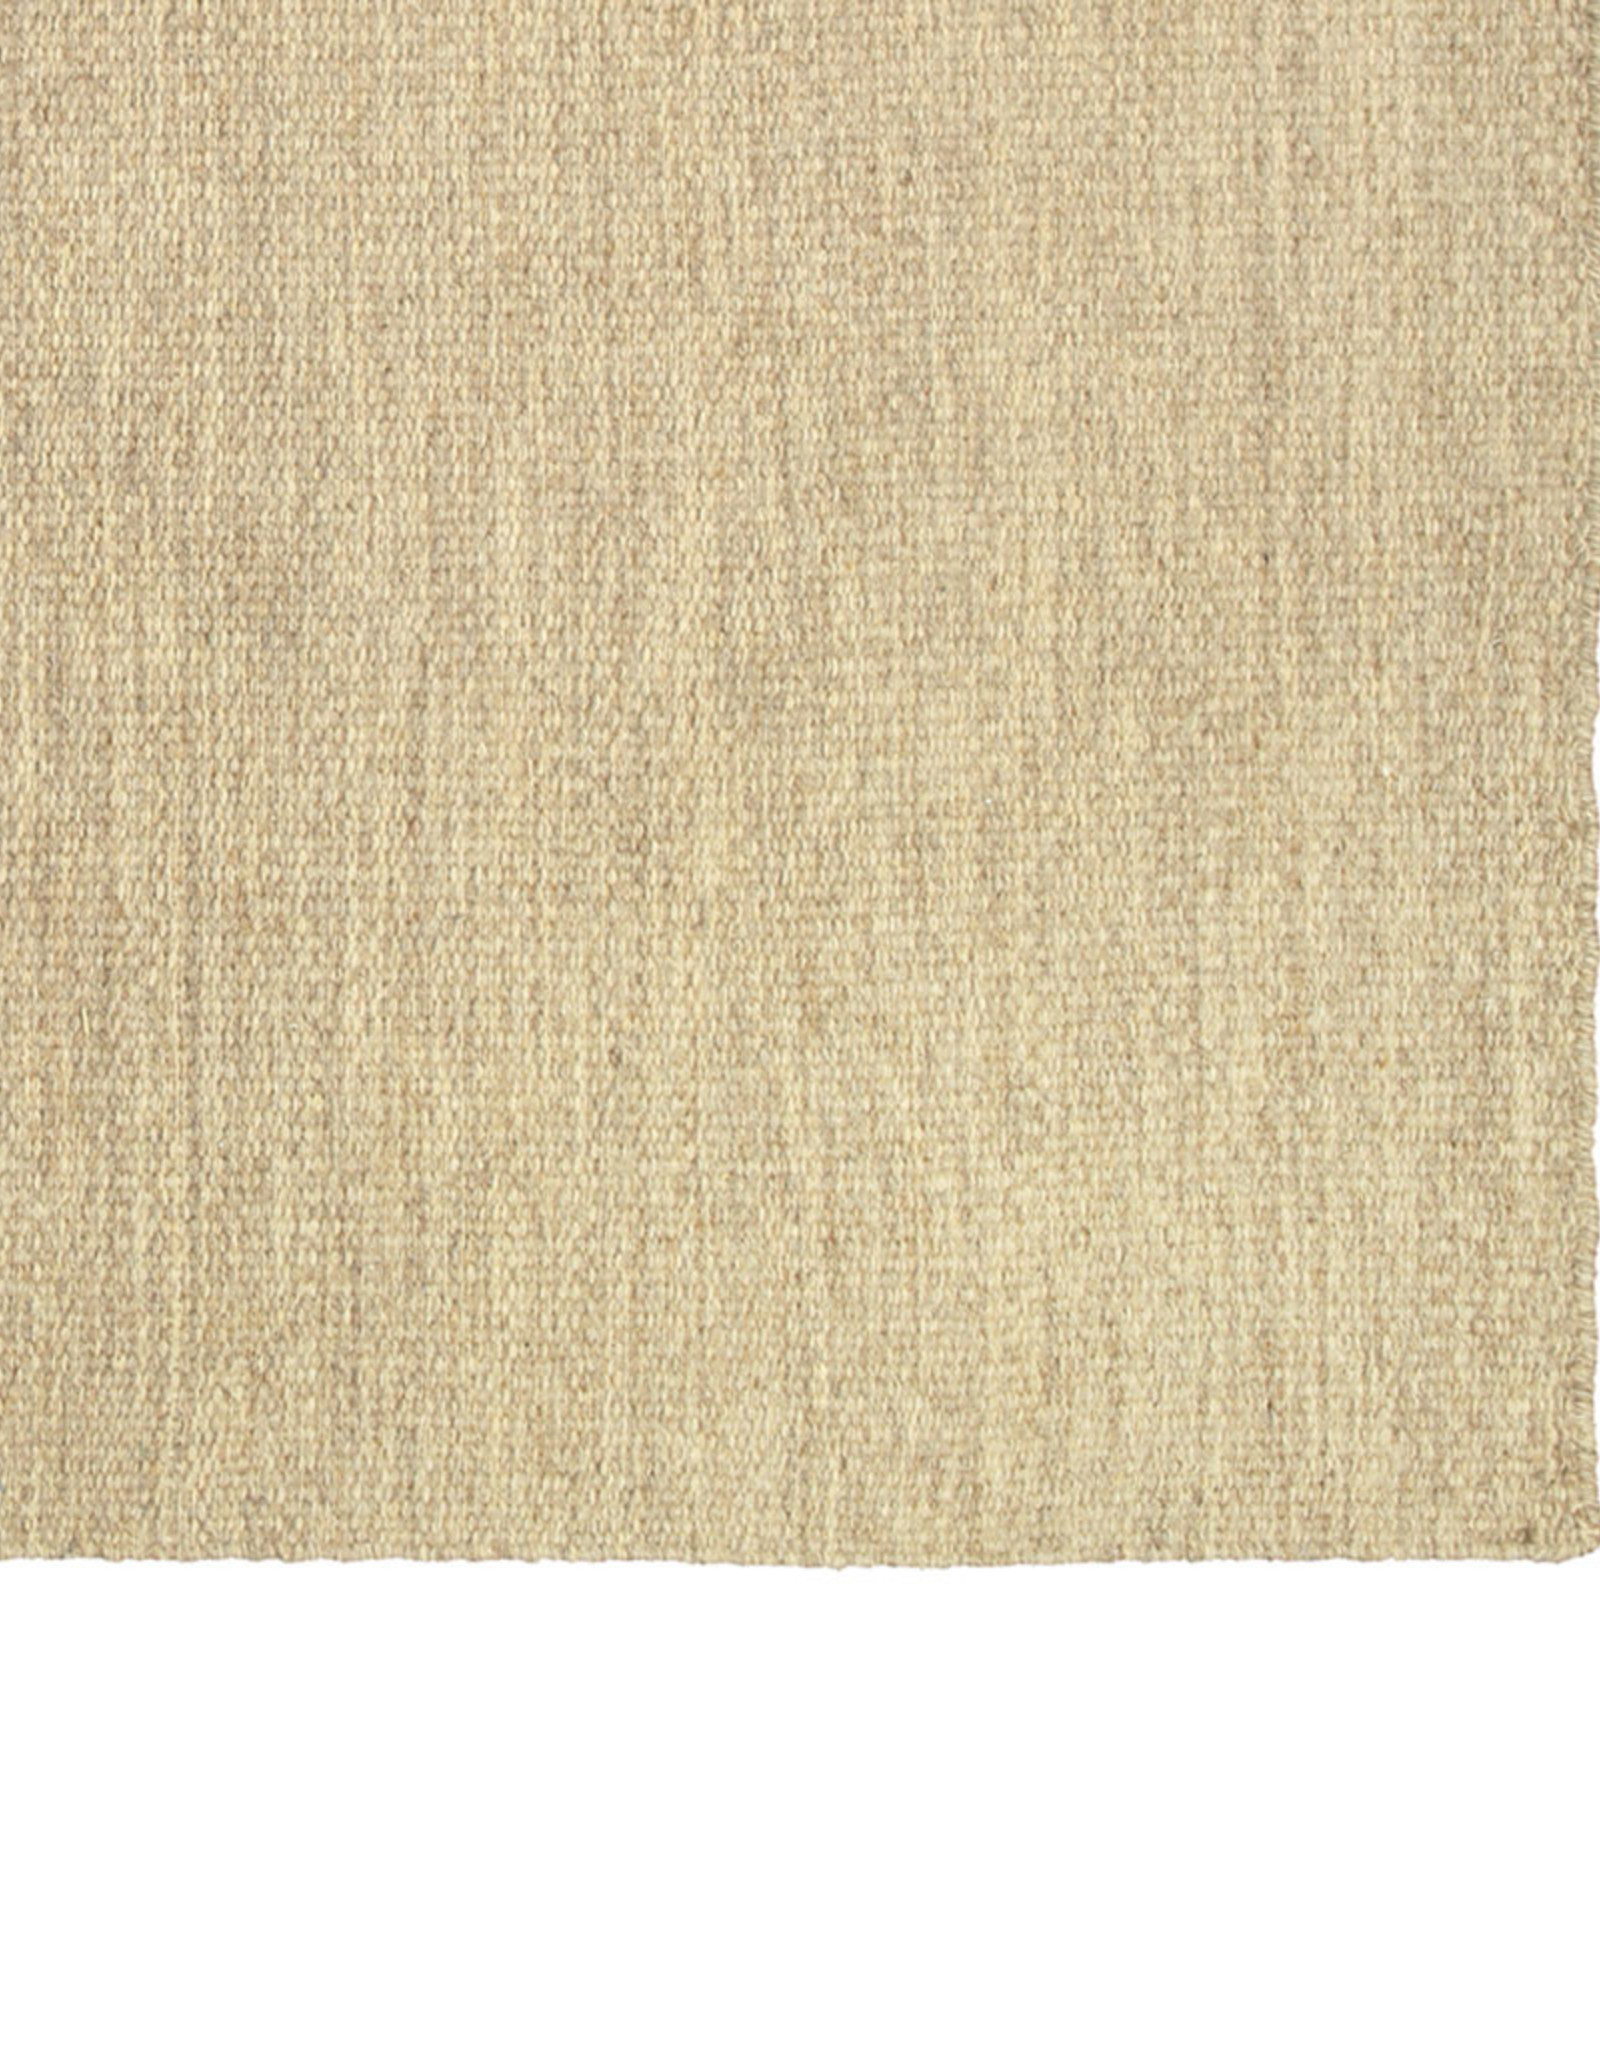 Finarte 'Norm' rug wool